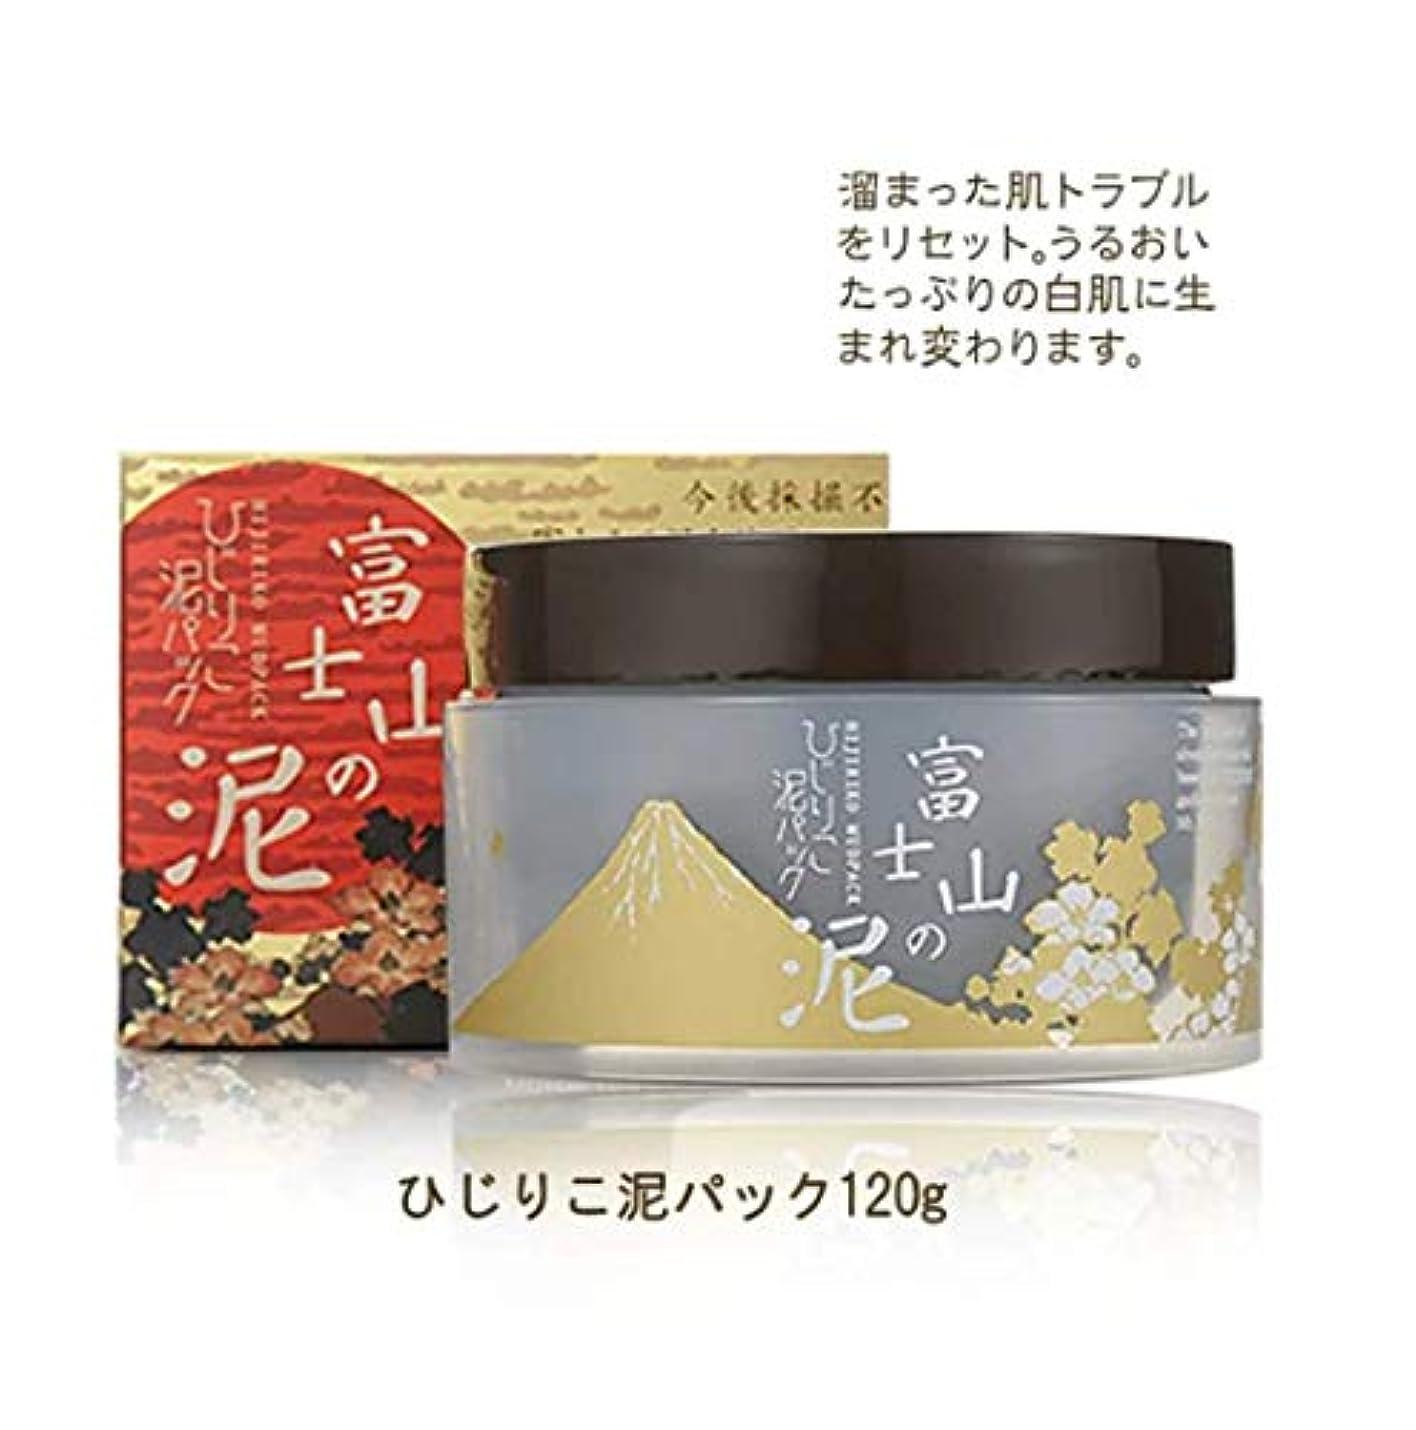 もっともらしい居心地の良い電圧ひじりこ化粧品 ひじりこ泥パックS 富士山の泥 120g